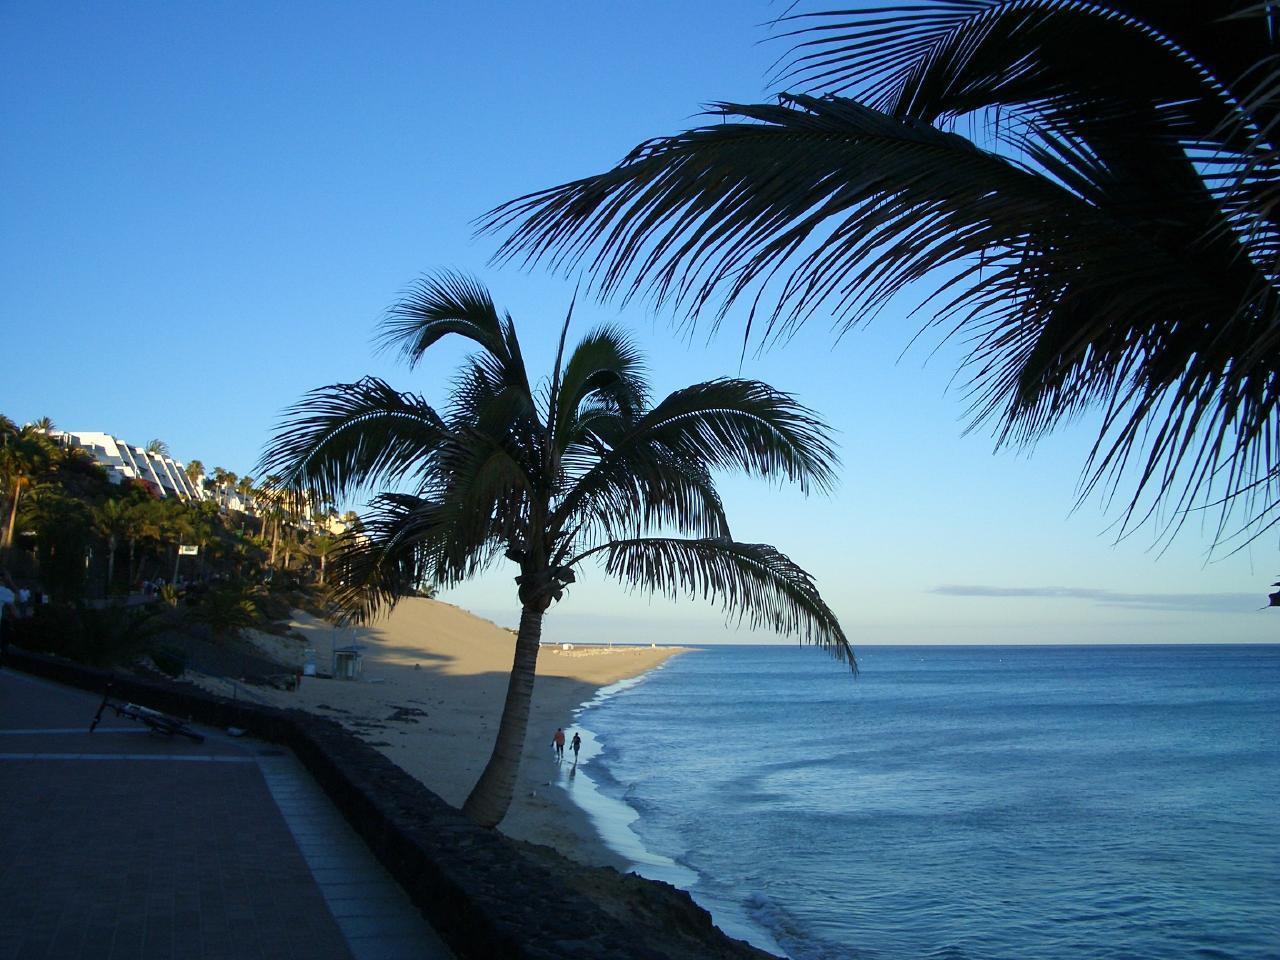 Ferienhaus Exklusiver Bungalow im Süden Fuerteventuras (2029655), Morro Jable, Fuerteventura, Kanarische Inseln, Spanien, Bild 14